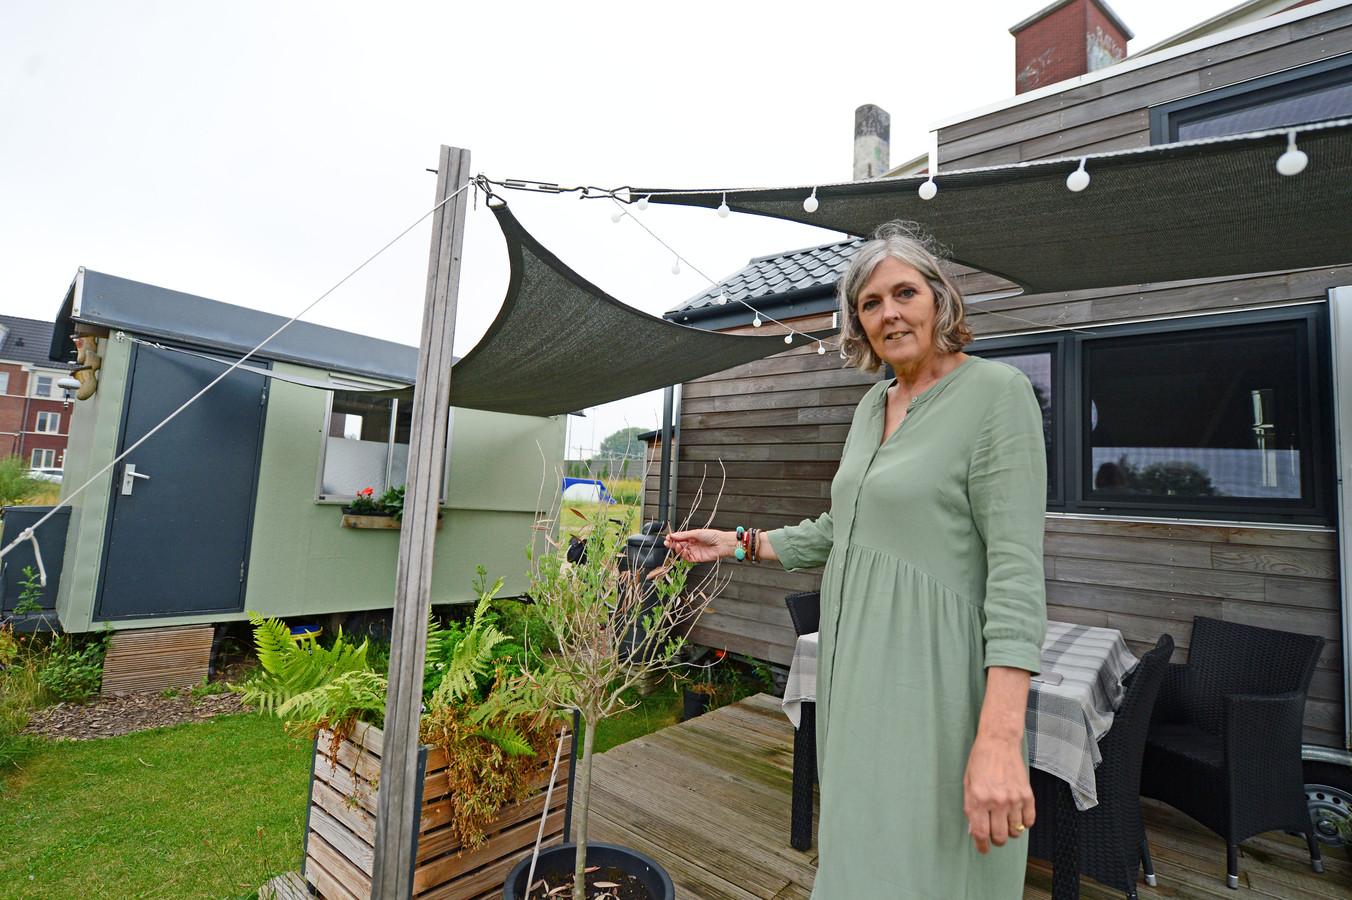 Dierdre Kleine Punte woonde samen met haar man Vincent jarenlang in Zuid Afrika. Daarna in een eengezinswoning in Nederland. En nu zijn ze domweg gelukkig in een tiny house.